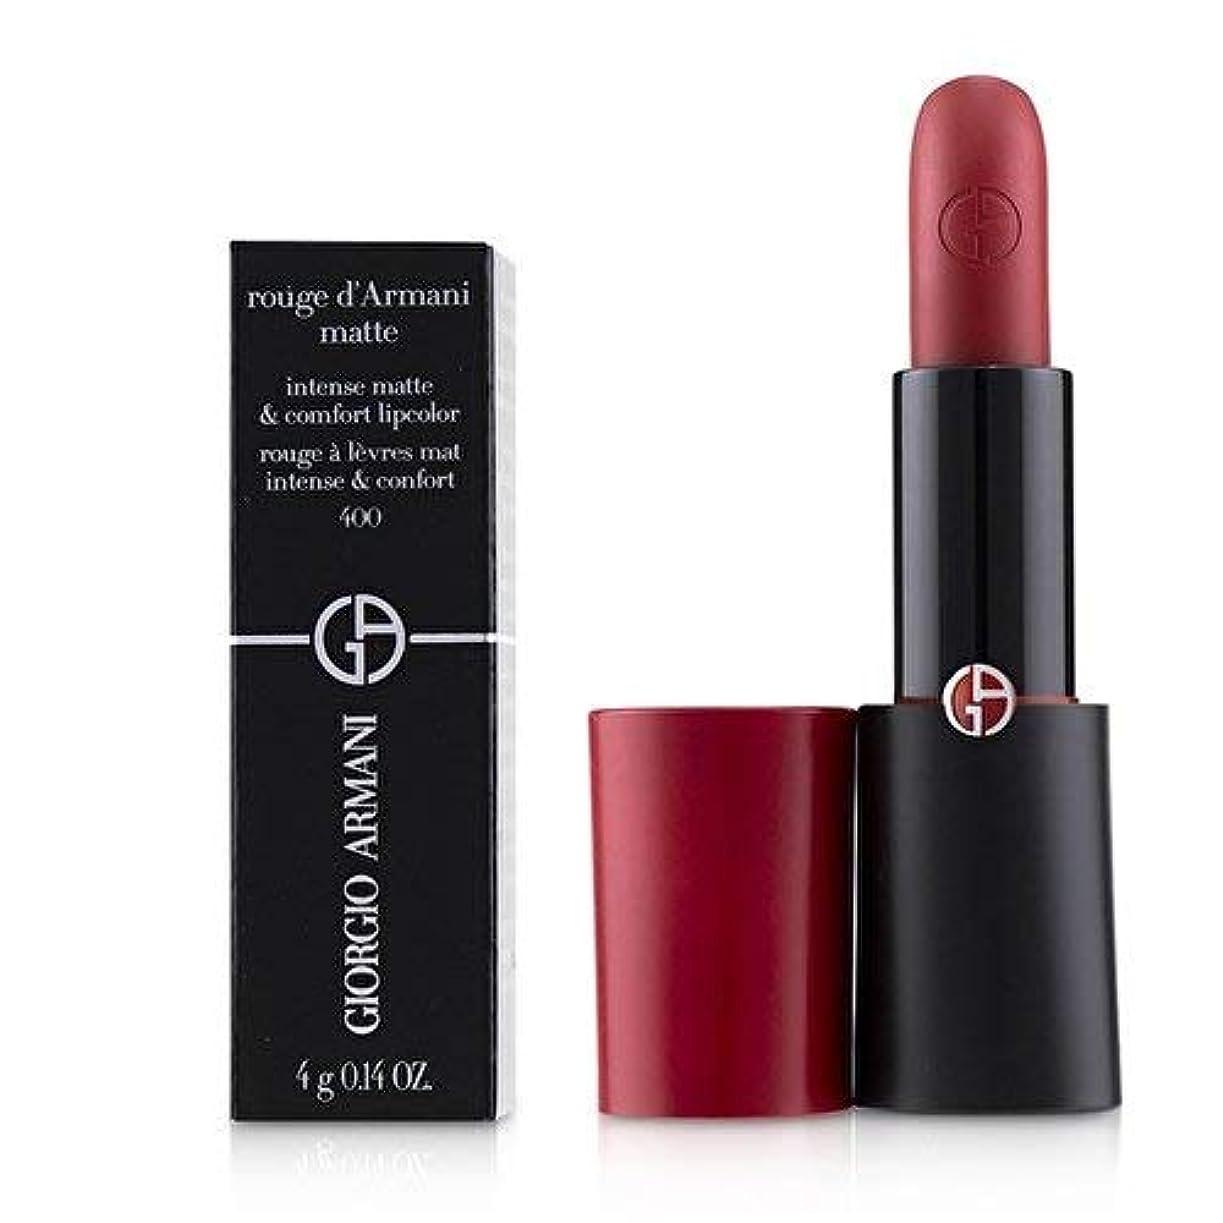 タイプシェルター証人ジョルジオアルマーニ Rouge D'Armani Matte Intense Matte & Comfort Lipcolor - # 400 Four Hundred 4g/0.14oz並行輸入品